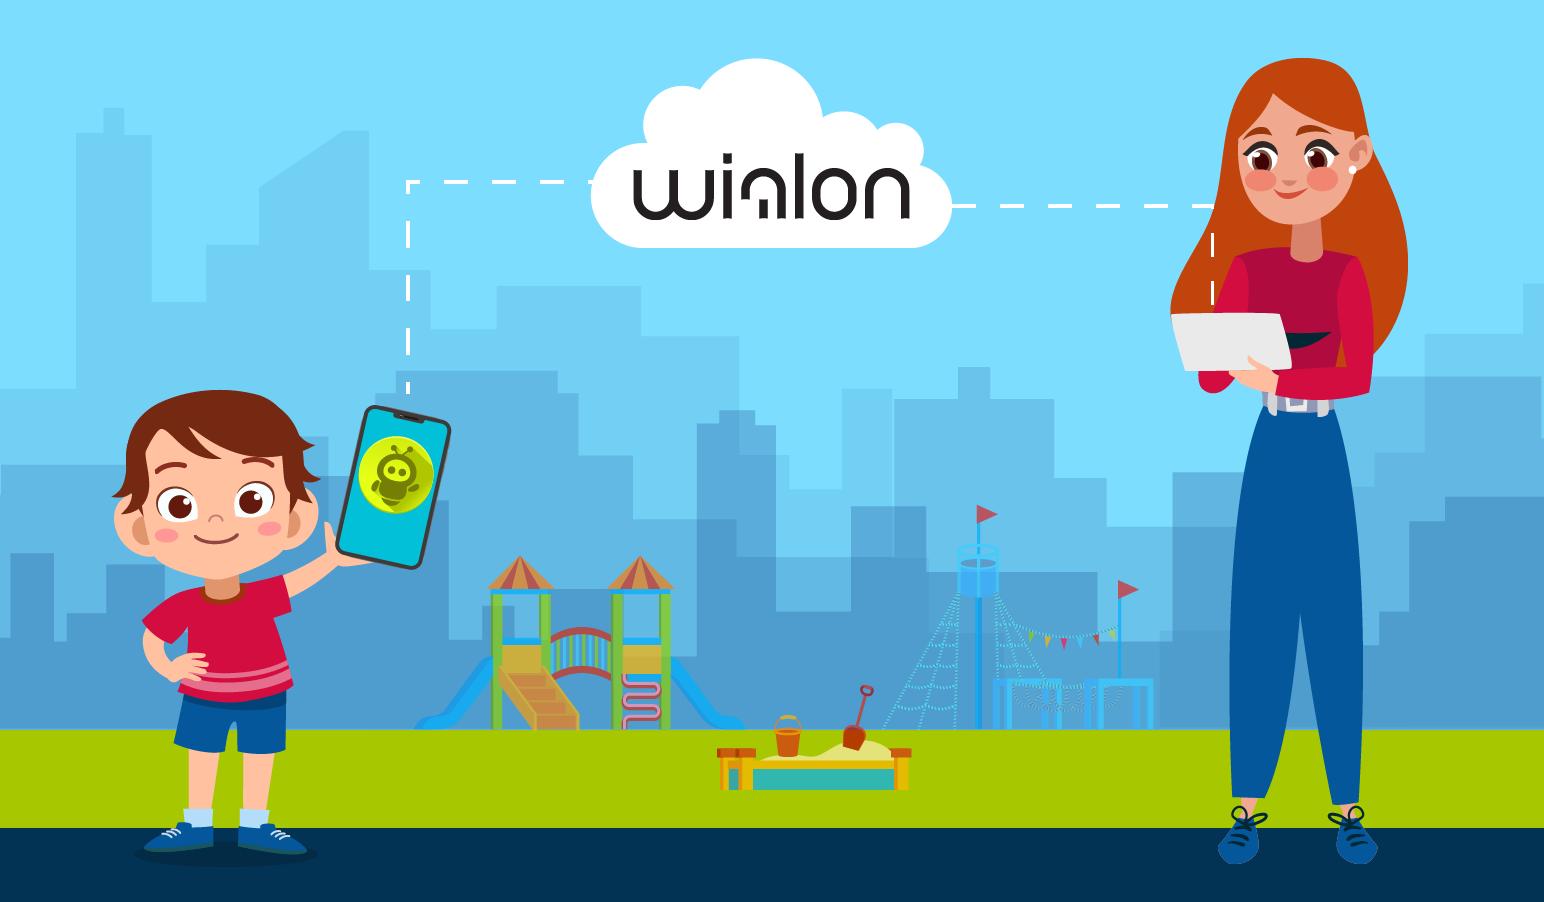 №5. Миссия Wialon: безопасность ребенка